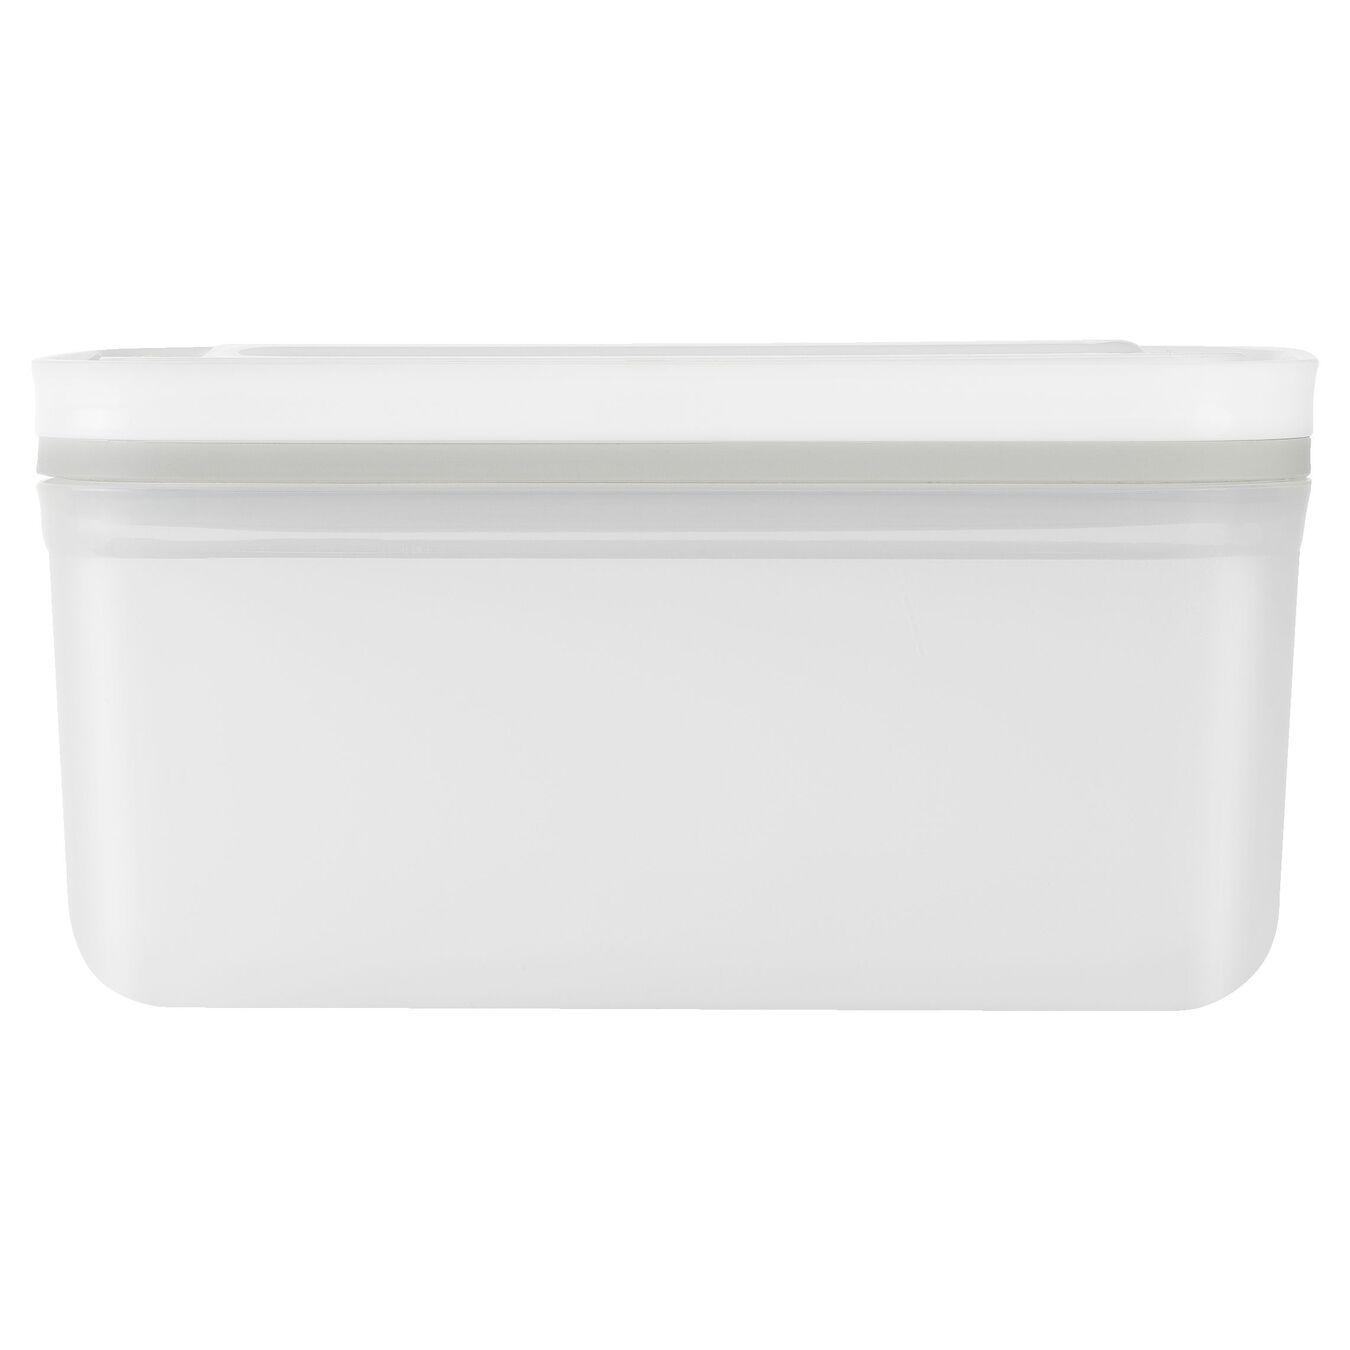 Vacuum Container, medium, Plastic, White,,large 2